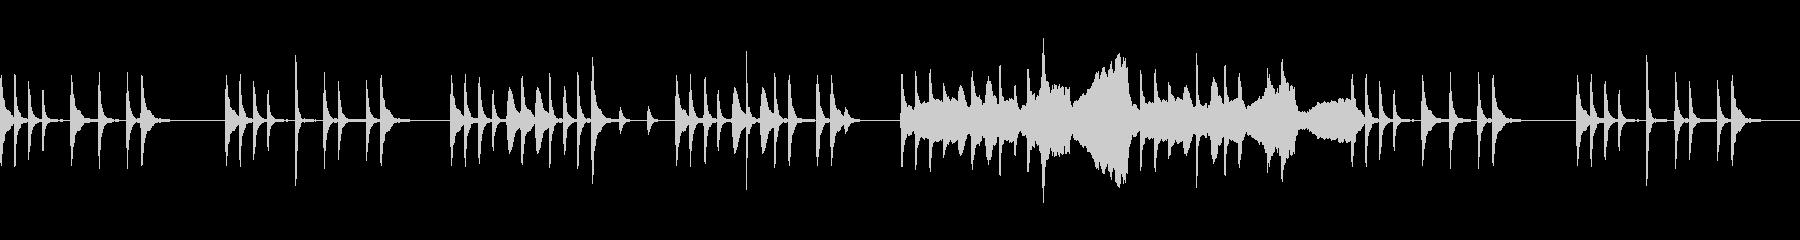 弦楽器メインの日常系BGMの未再生の波形